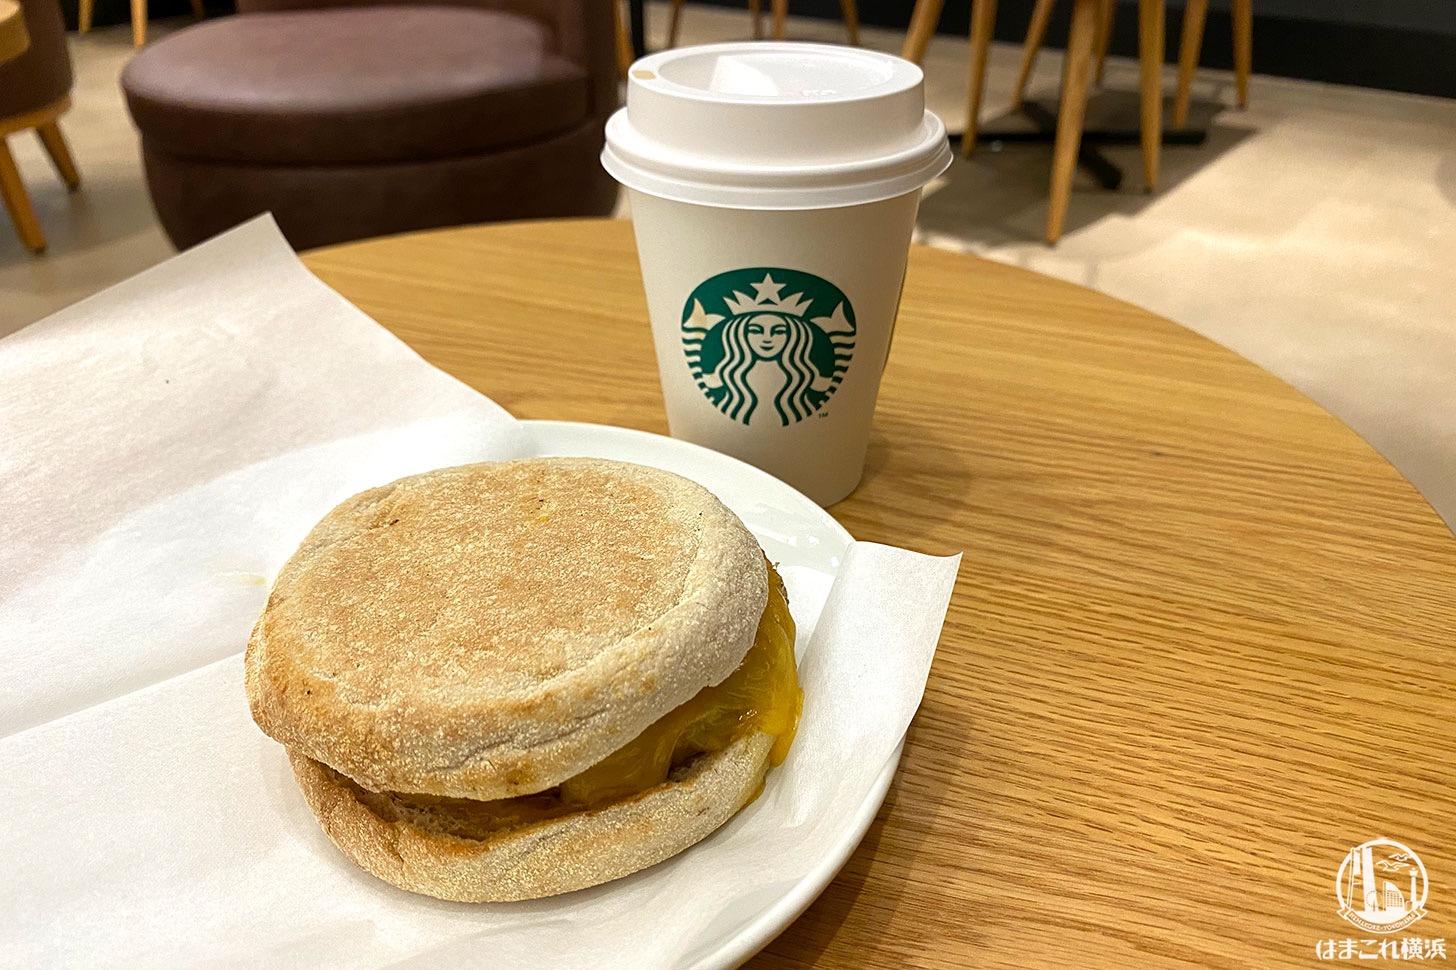 スターバックスコーヒー 横浜ランドマークプラザ店で食べた・飲んだもの